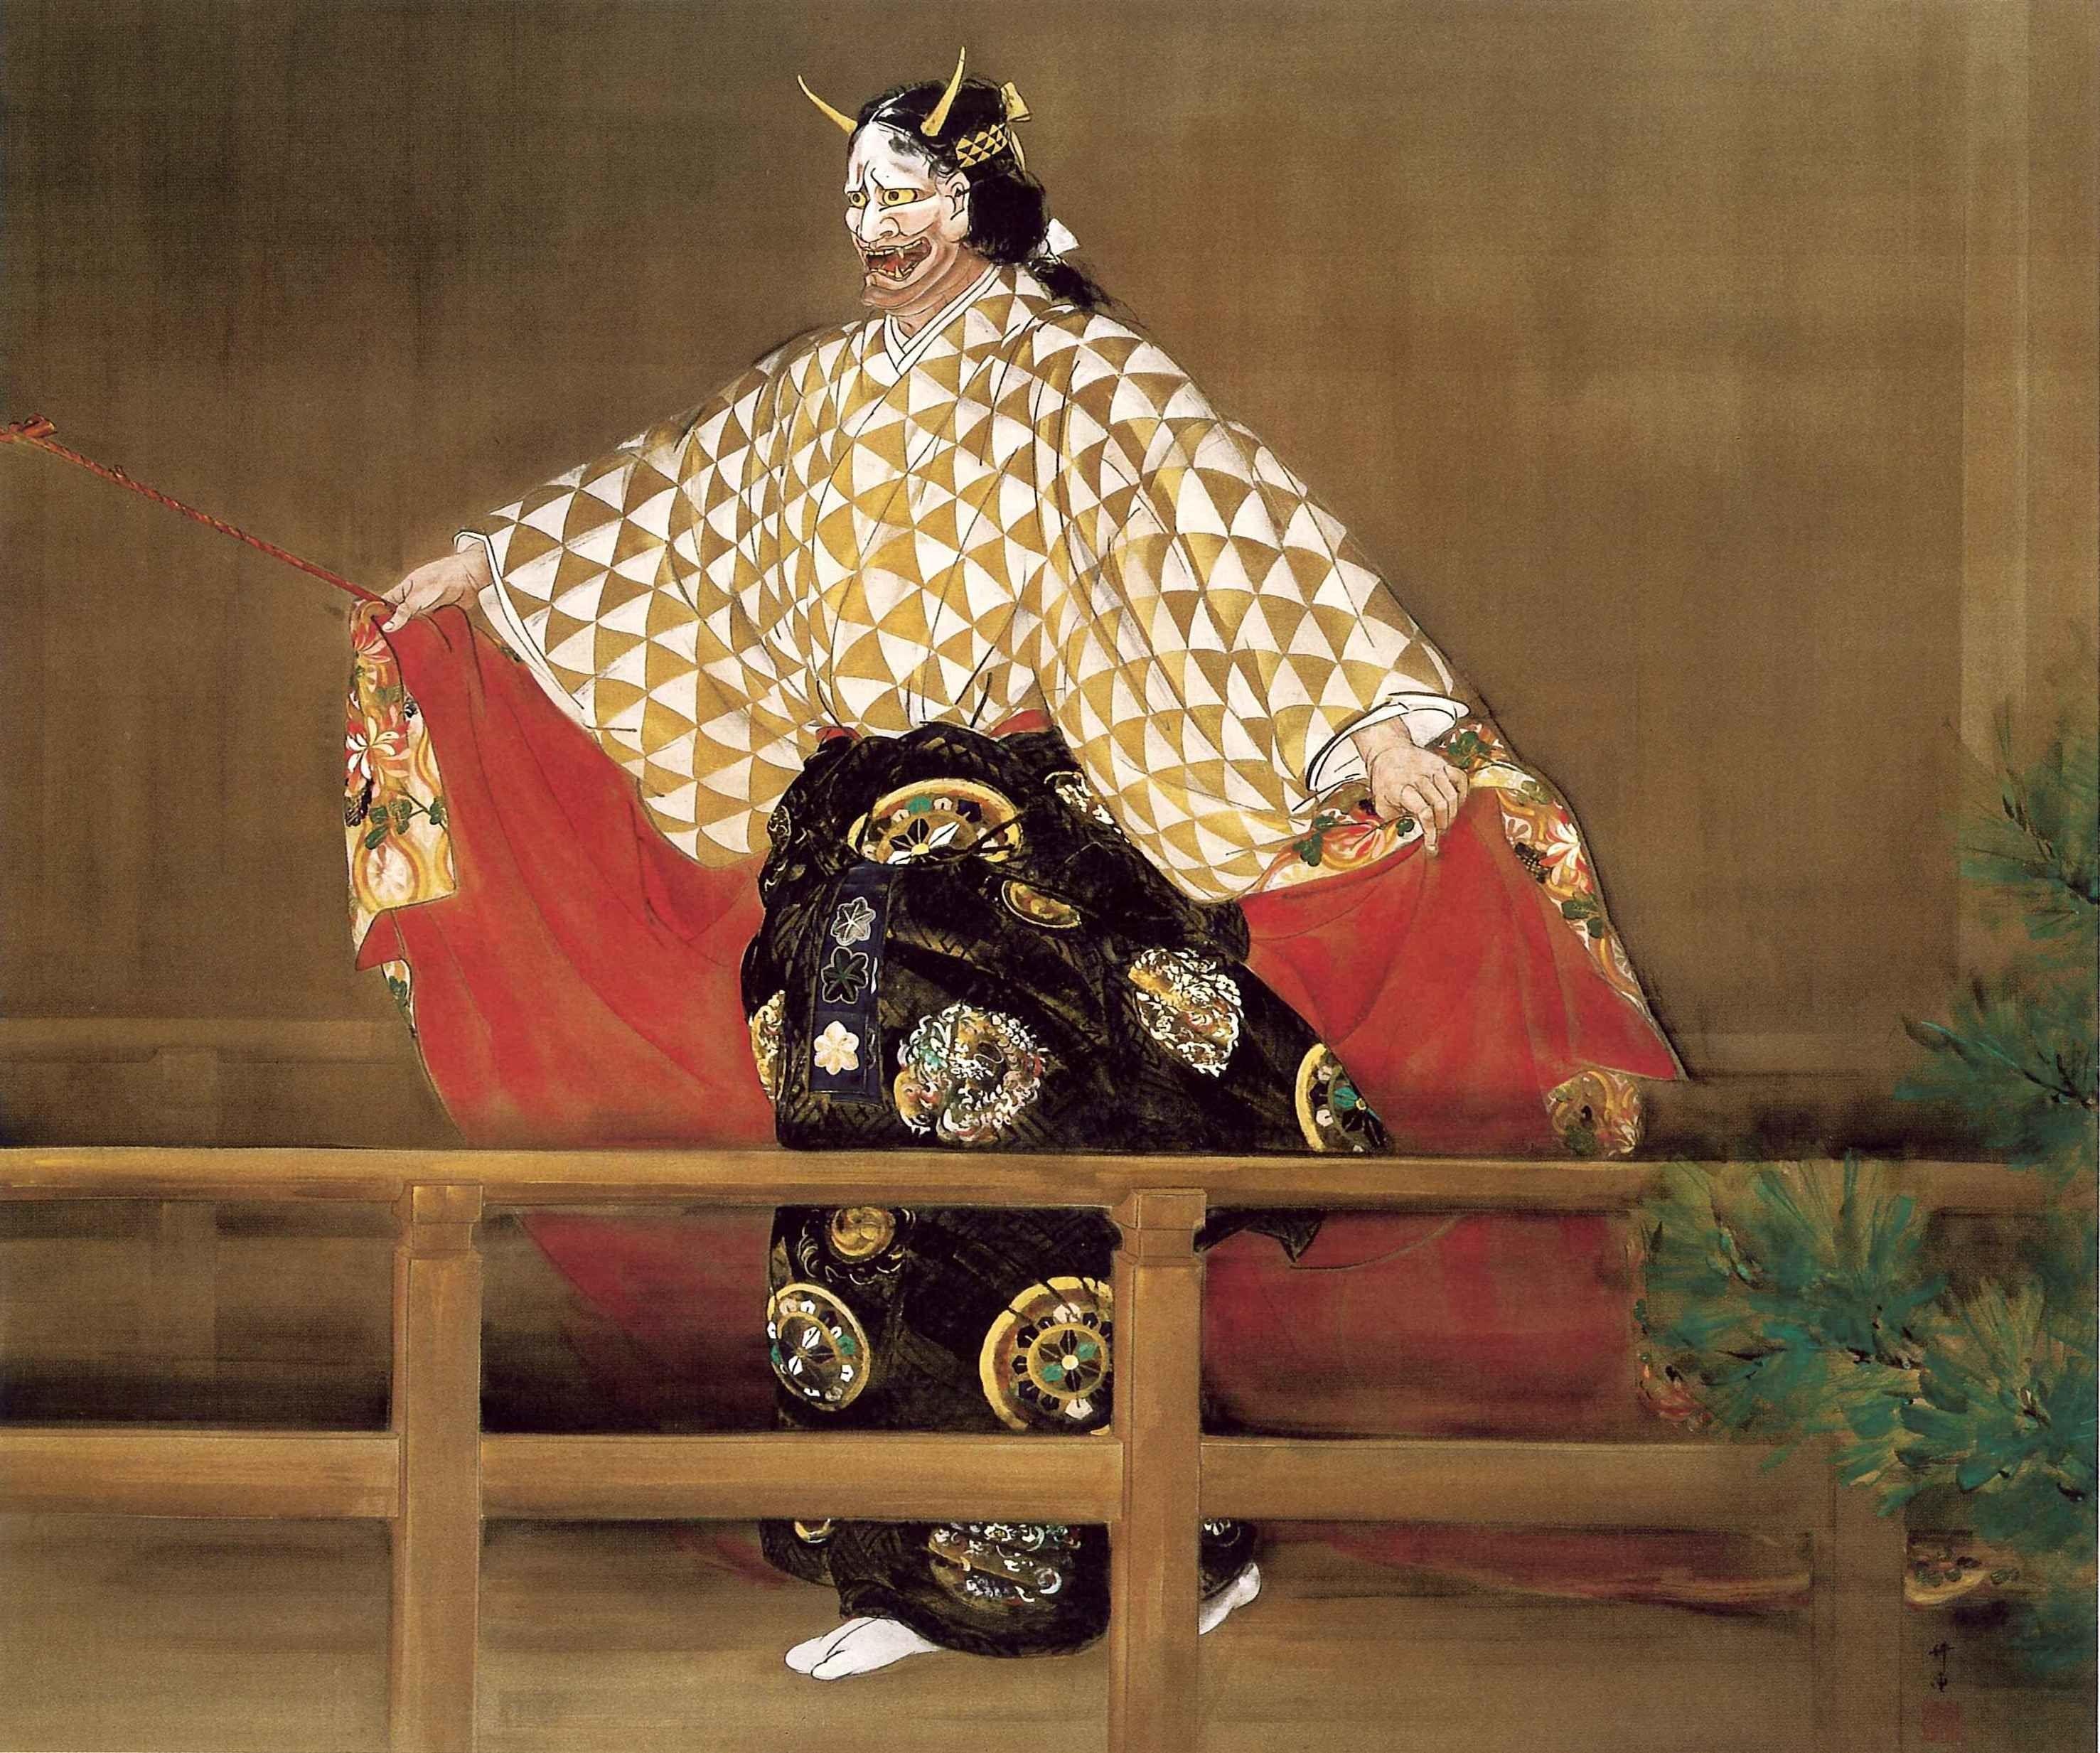 Dojoji道成寺.jpg (2954×2466)